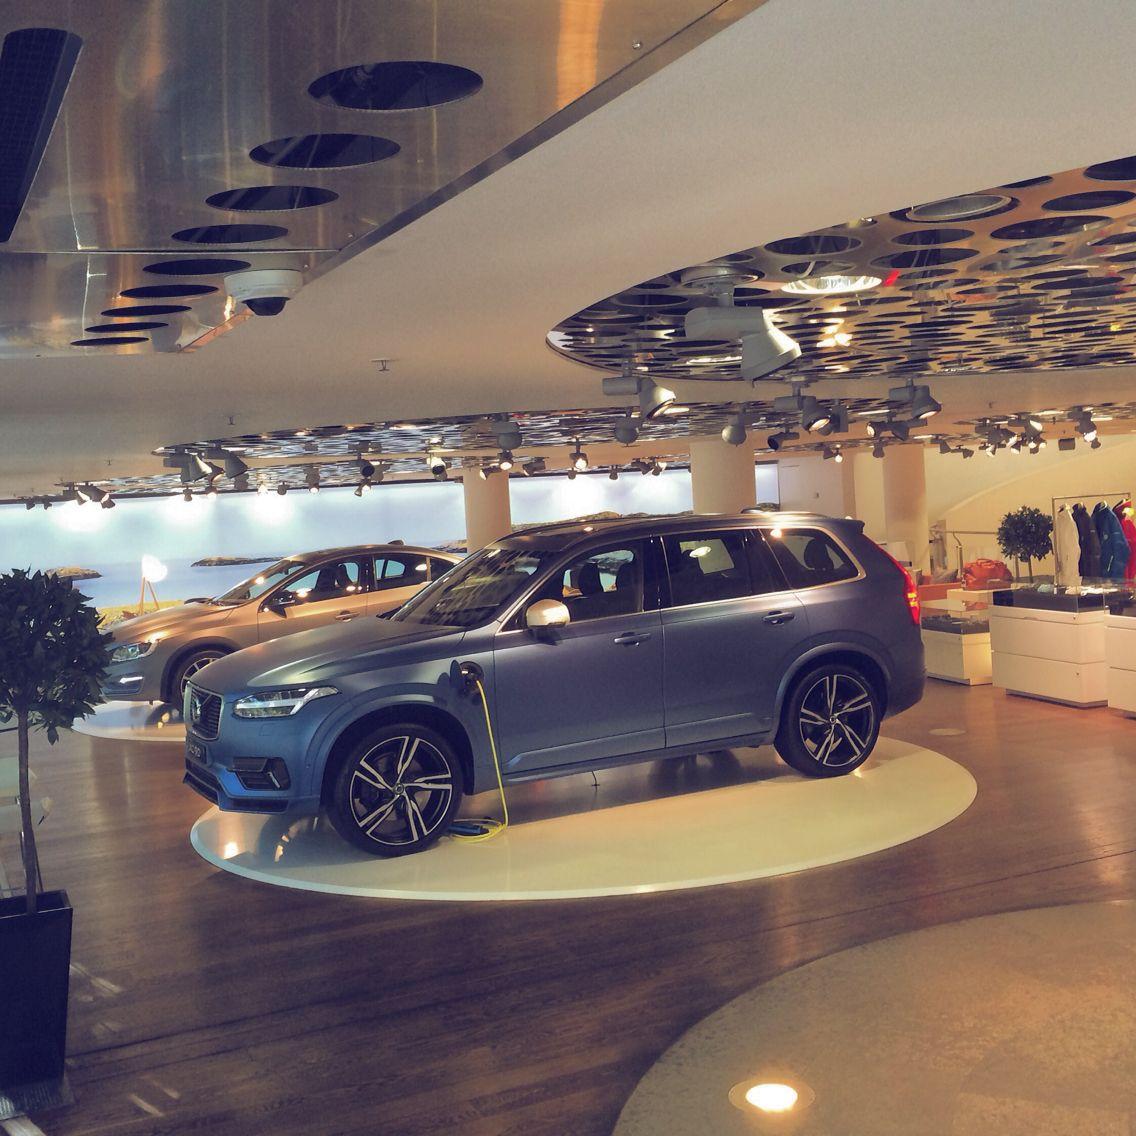 Volvo Dealers Pa: Volvo Car Showroom In Central Stockholm.